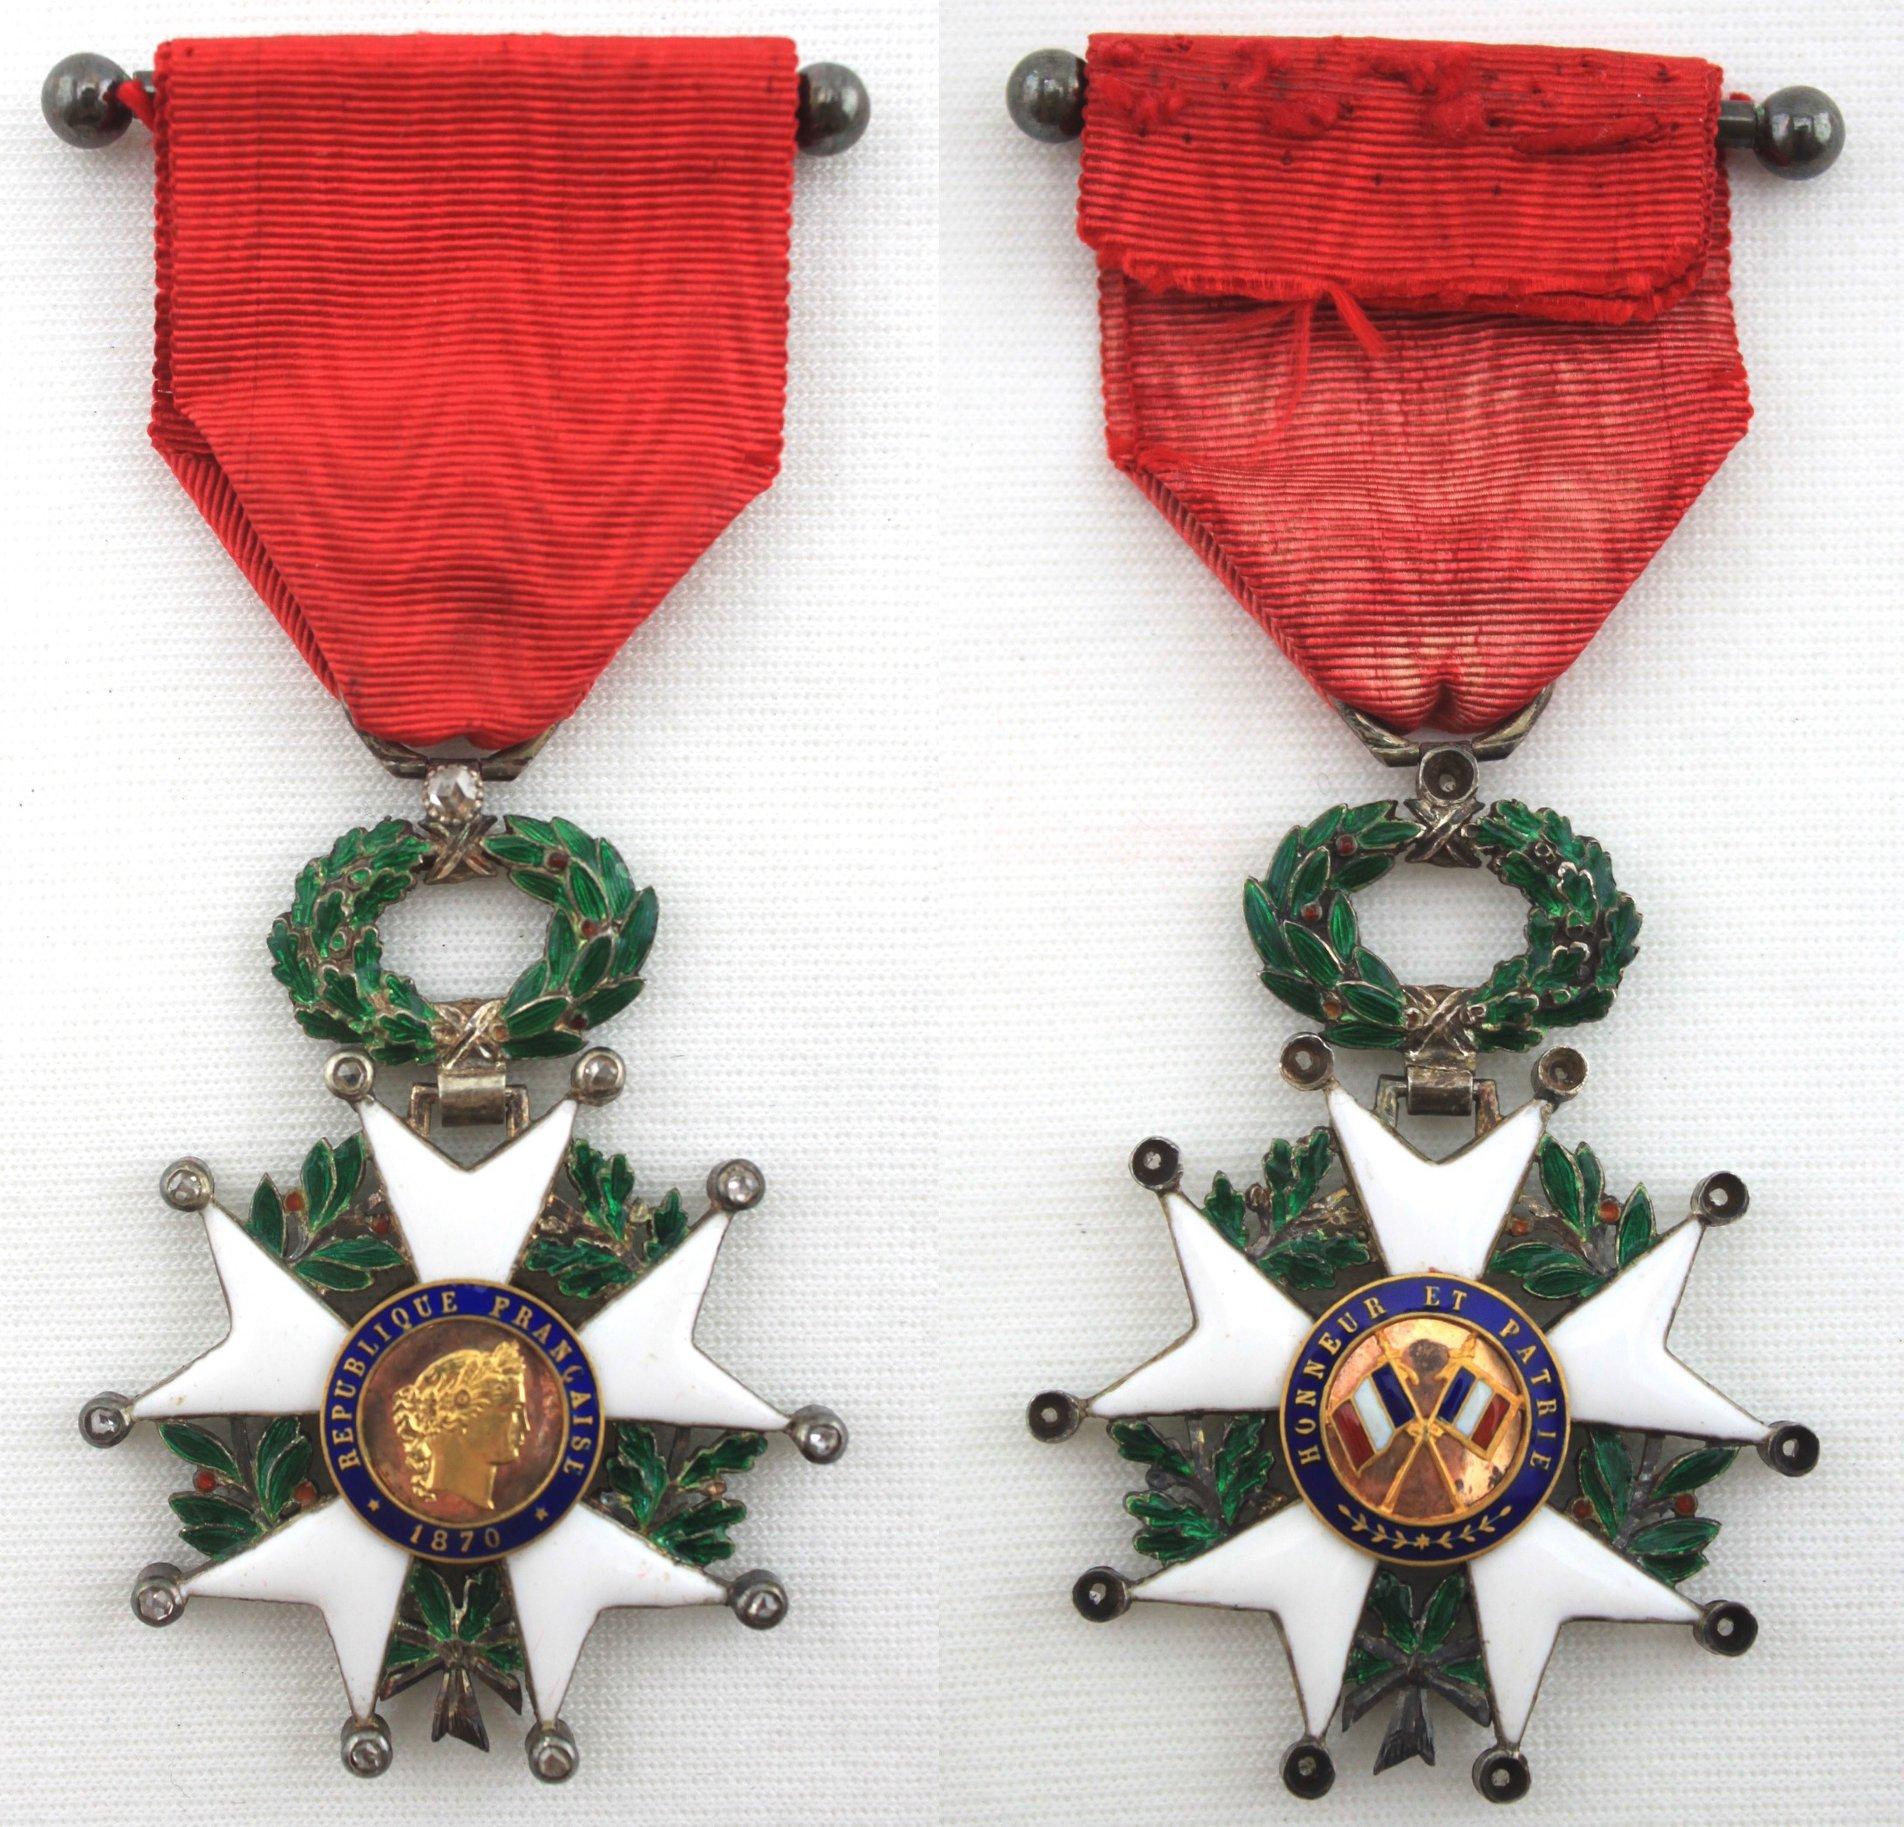 騎士級(Chevalier )法國榮譽軍團獎章 鑲鑽石版本